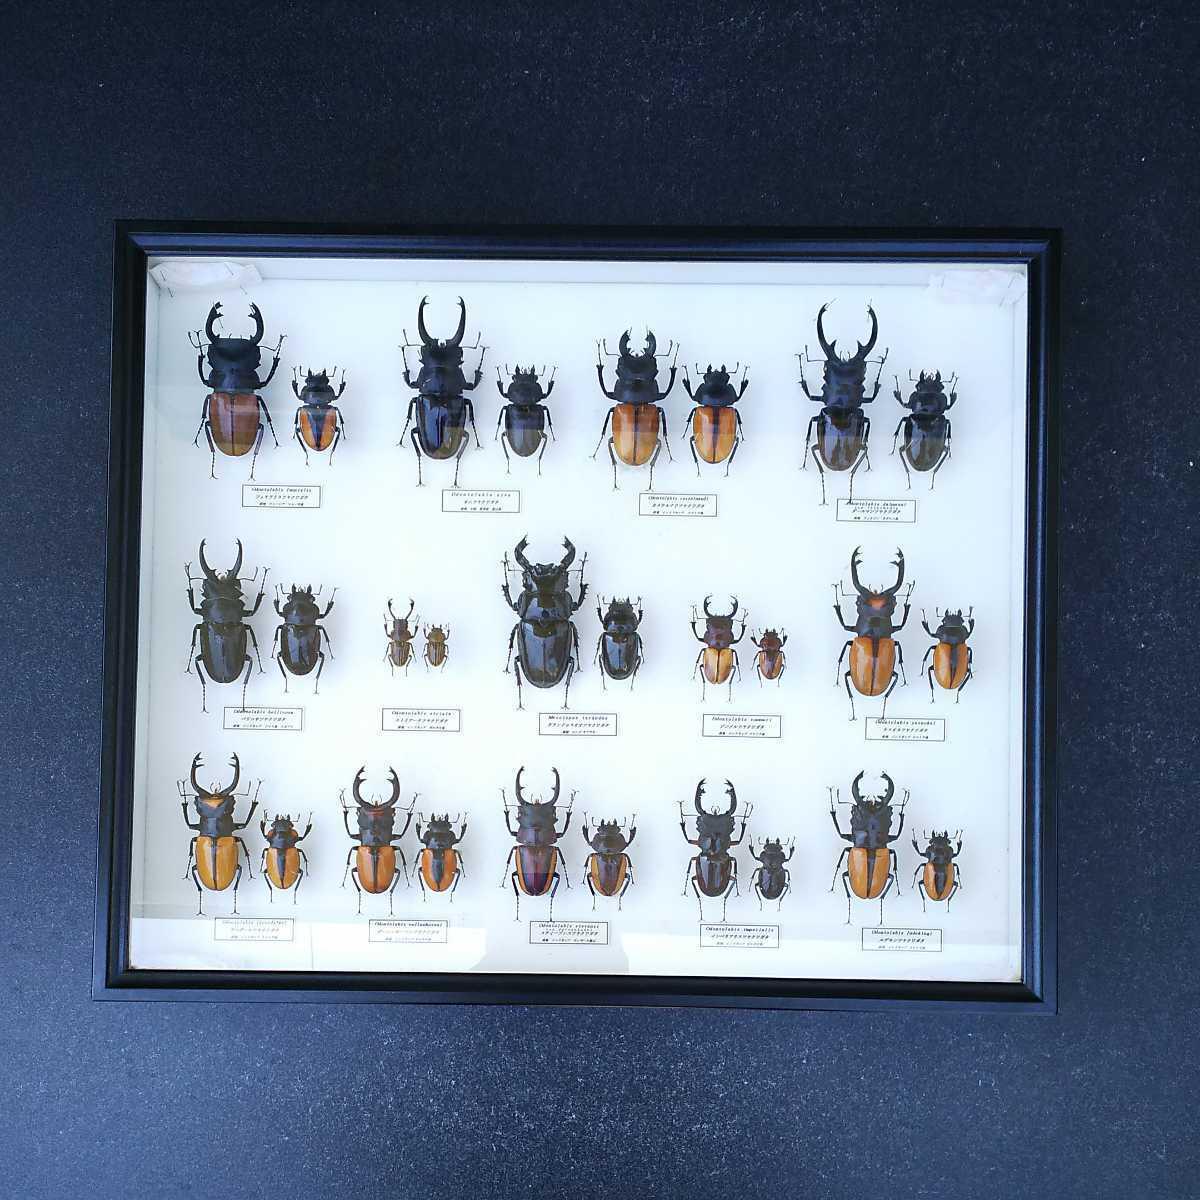 値段交渉OK 昆虫標本 クワガタ No3 28頭 ドイツ箱_画像1